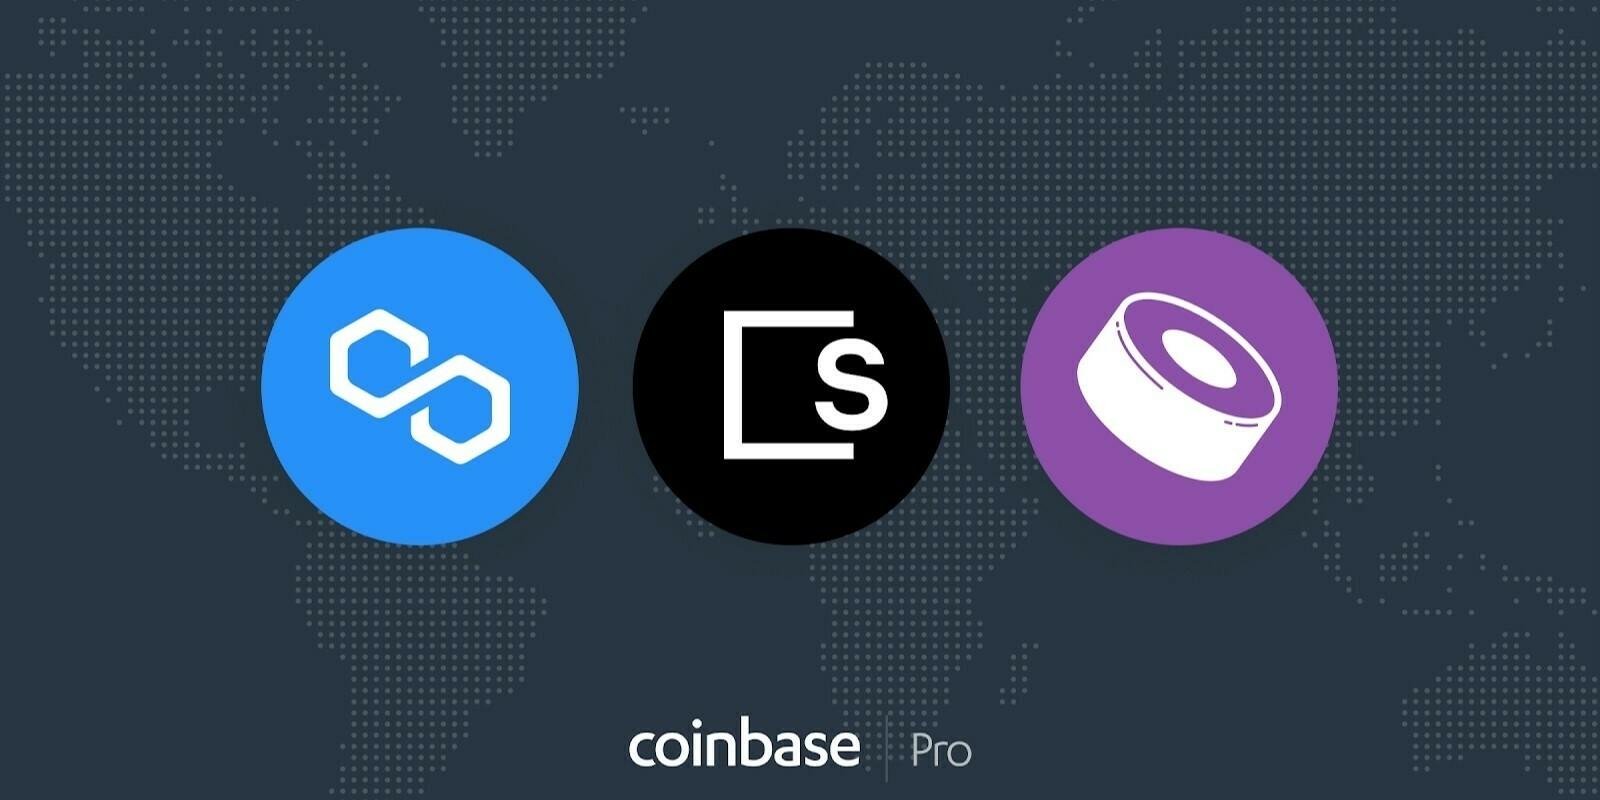 Coinbase Pro ajoute les tokens de Polygon (MATIC), SushiSwap (SUSHI) et Skale Network (SKL)